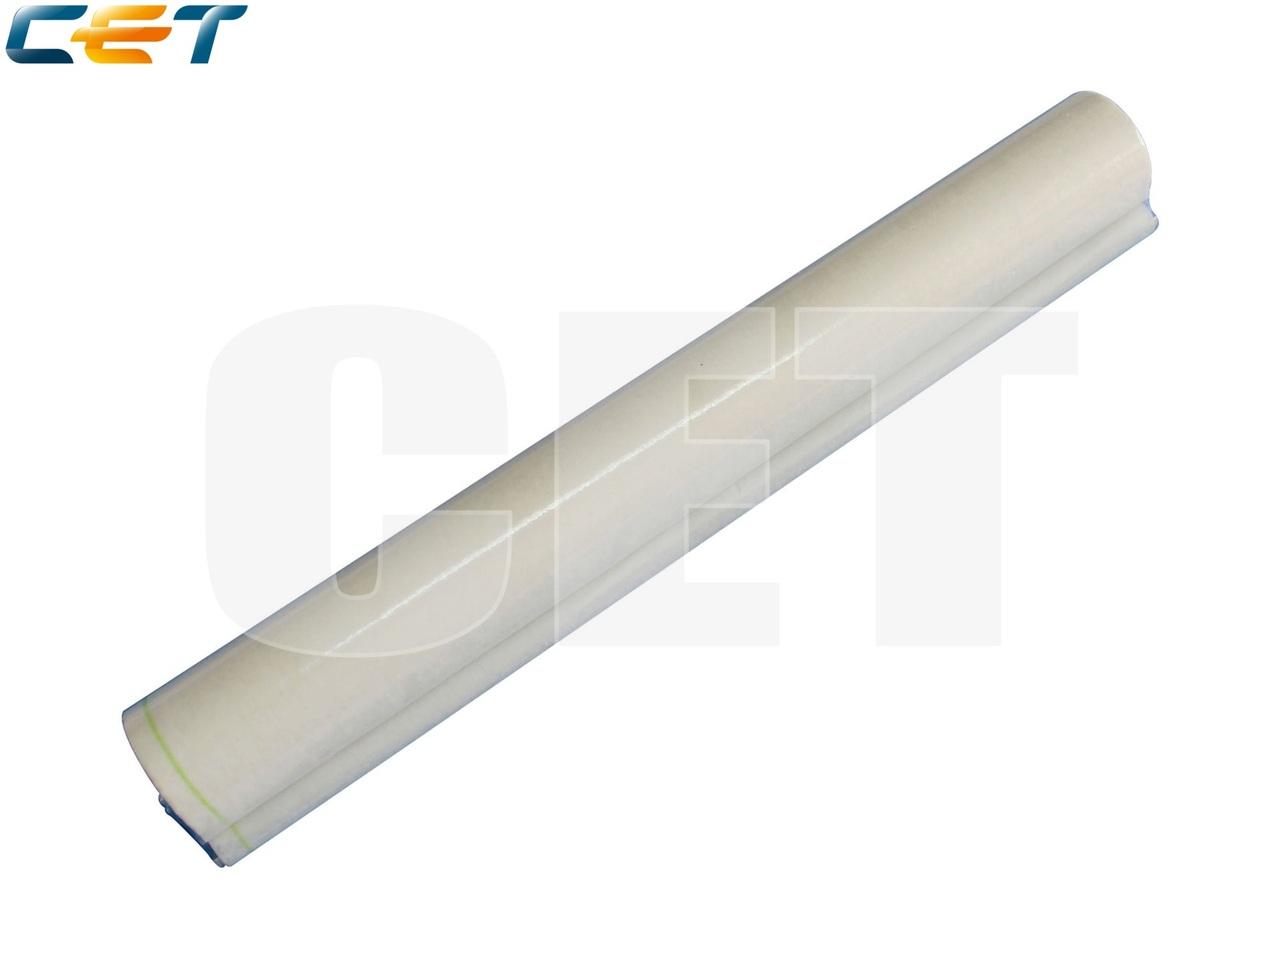 Чистящая лента фьюзера FY1-1157-000 для CANON iRADVANCE 6055/6065/6075/6255/6265/6275 (CET), CET6611